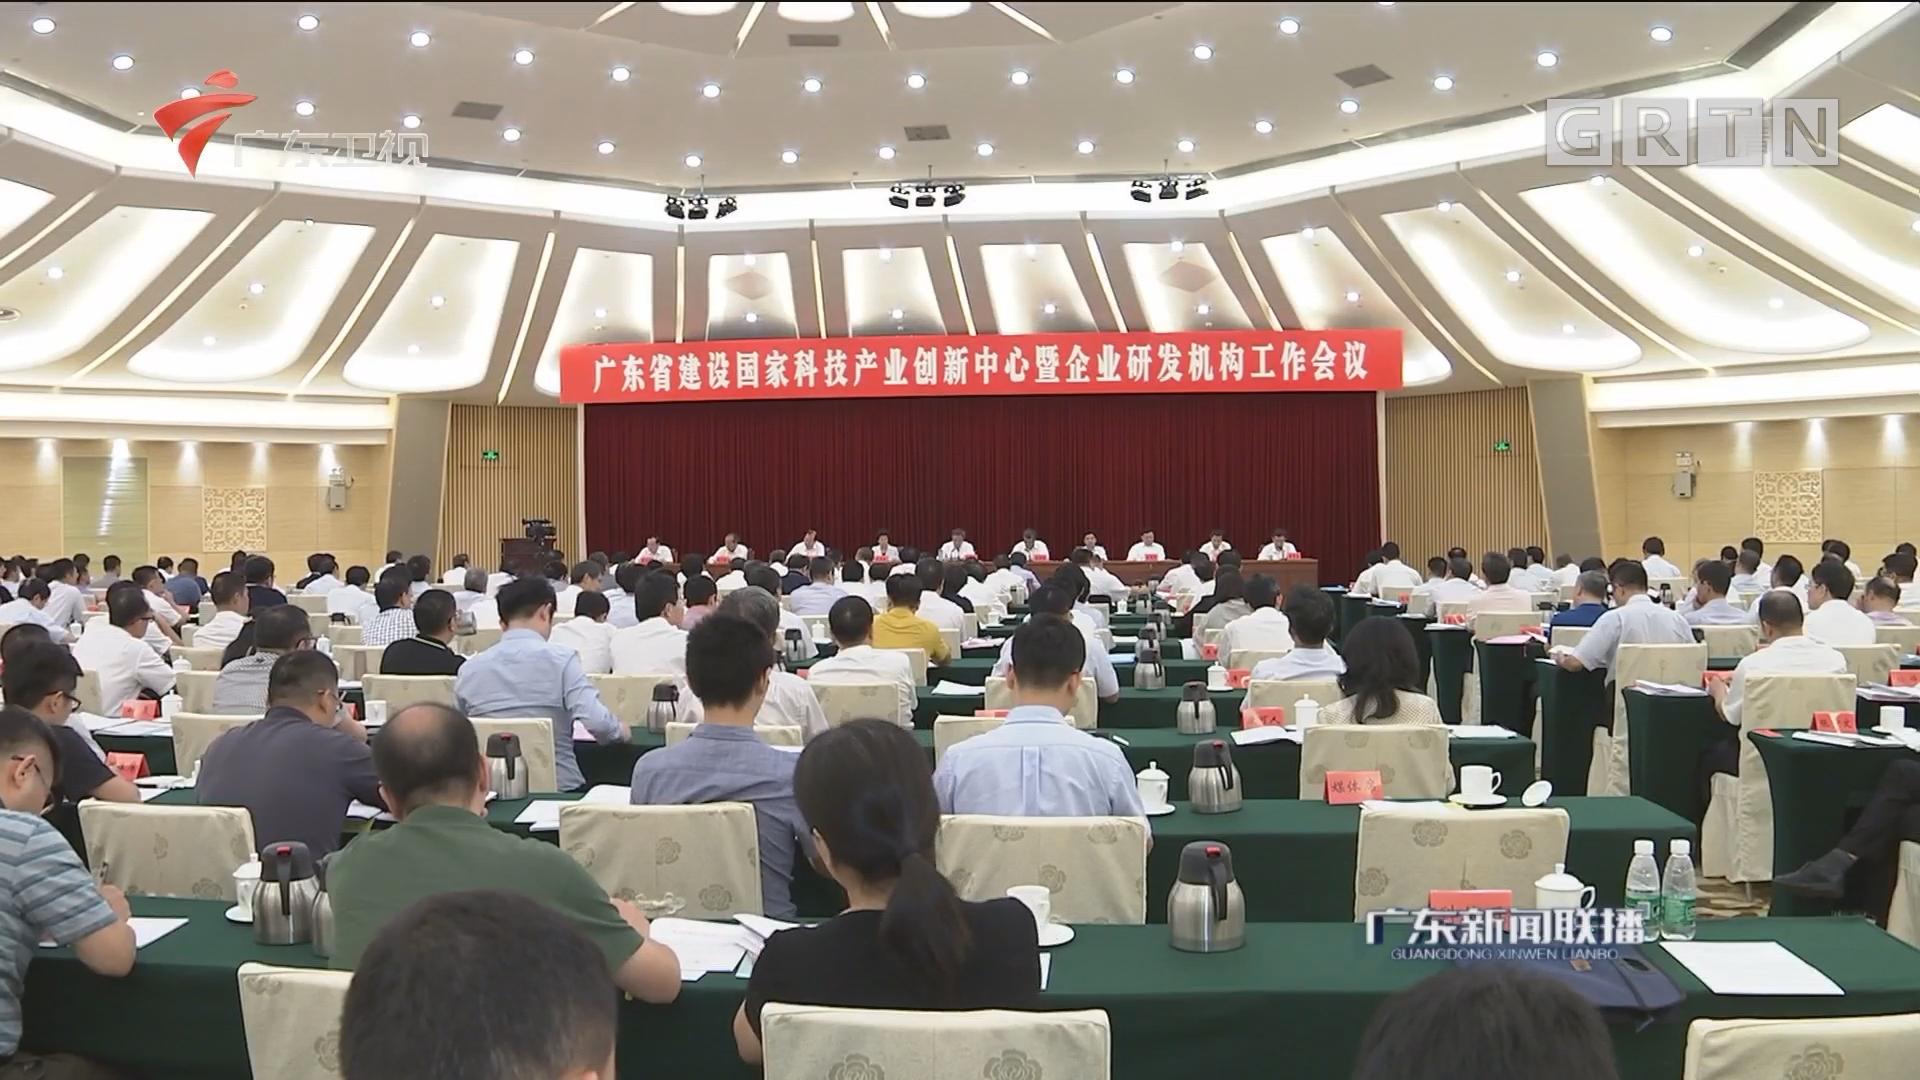 广东省建设国家科技产业创新中心 暨企业研发机构工作会议在广州召开